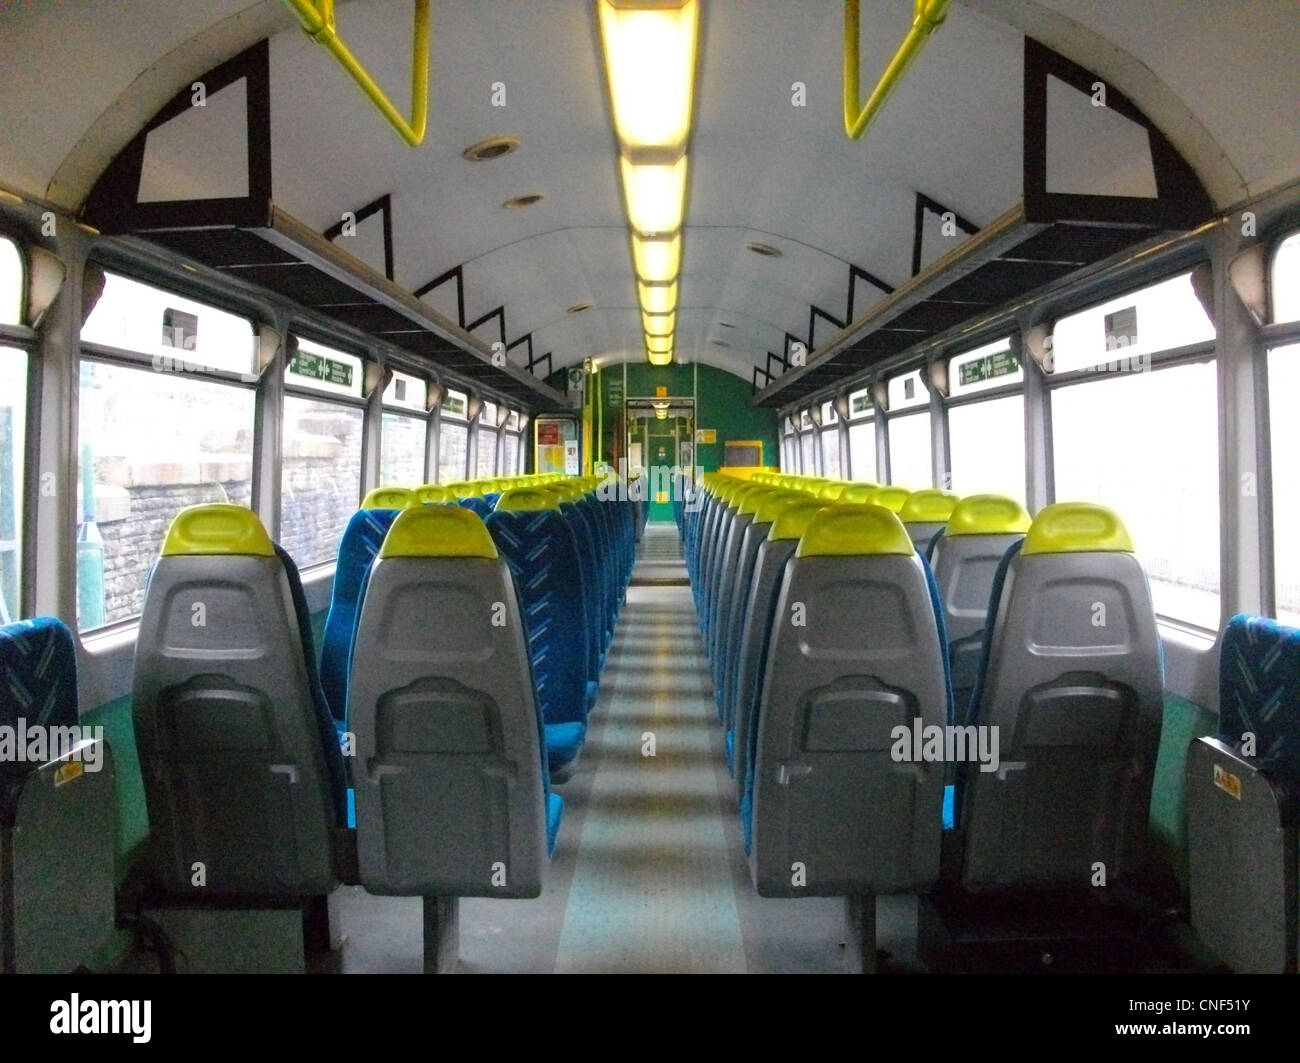 Das Innere einer vor kurzem aktualisiert Arriva Züge Wales Baureihe 143 - gestylten Sitze in Arriva Stofftapete Stockfoto